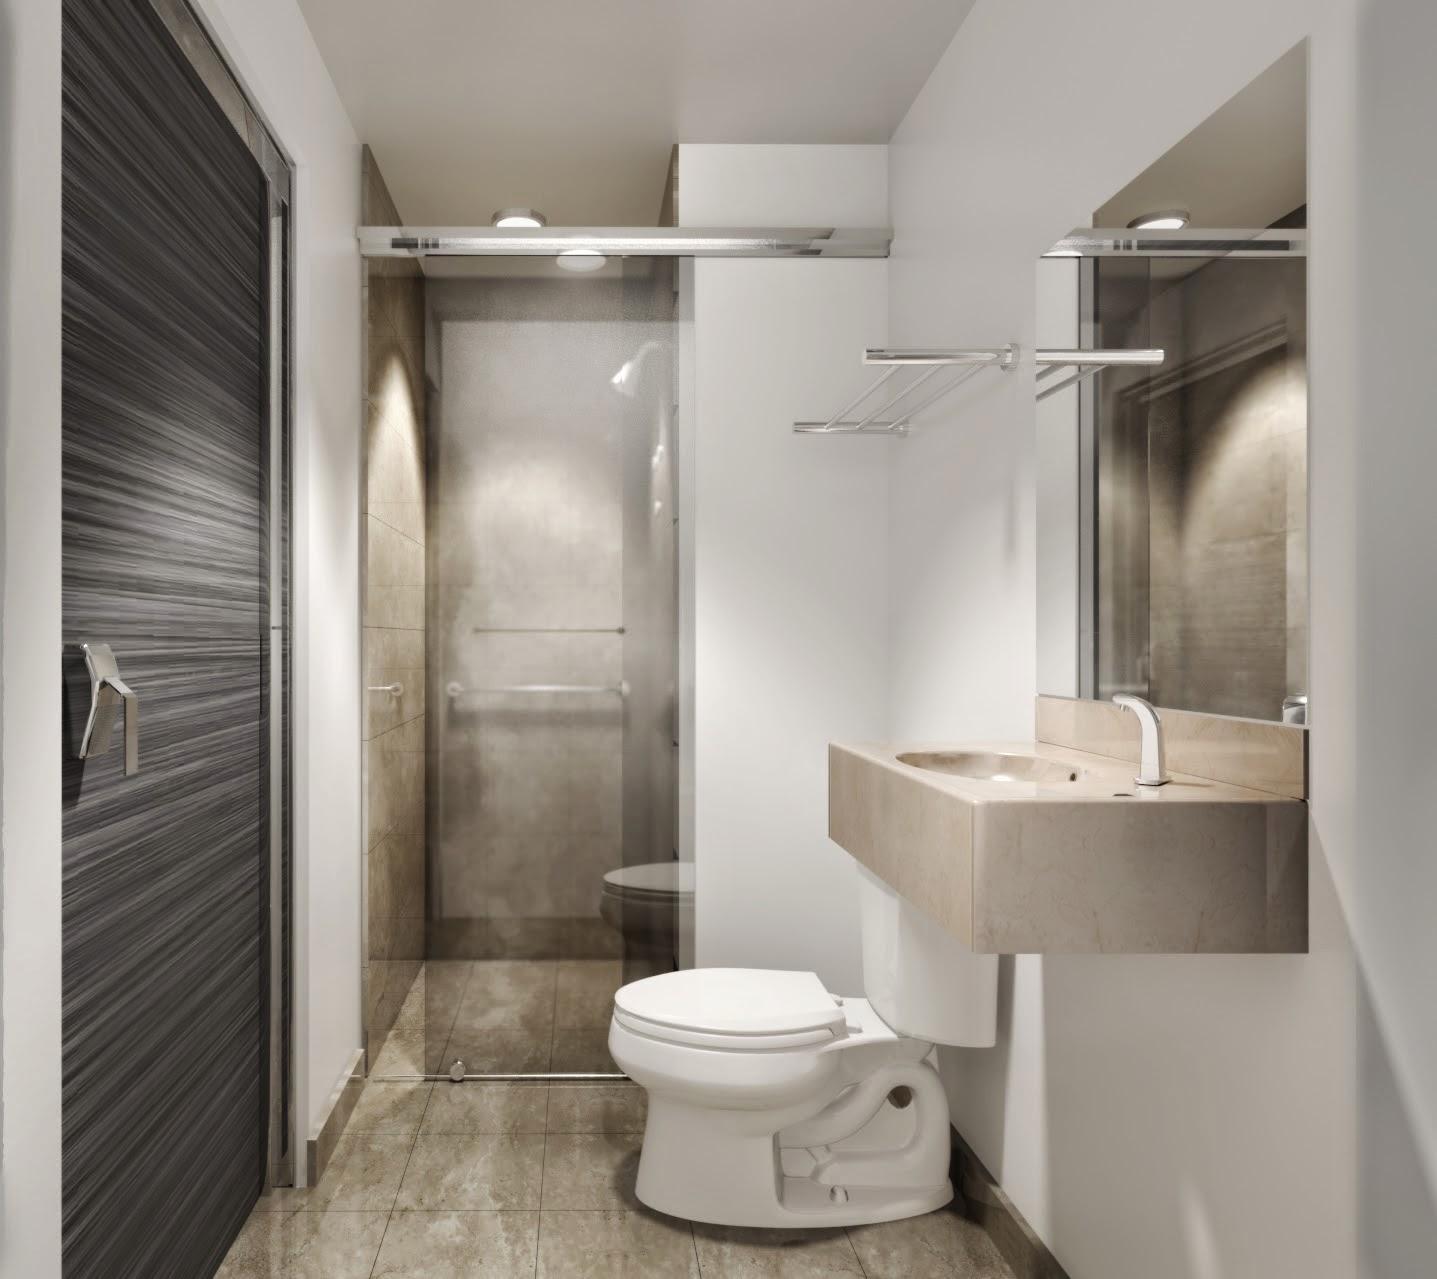 Skd arquitectos remodelacion ba o habitacion hospital - Banos del hospital ...